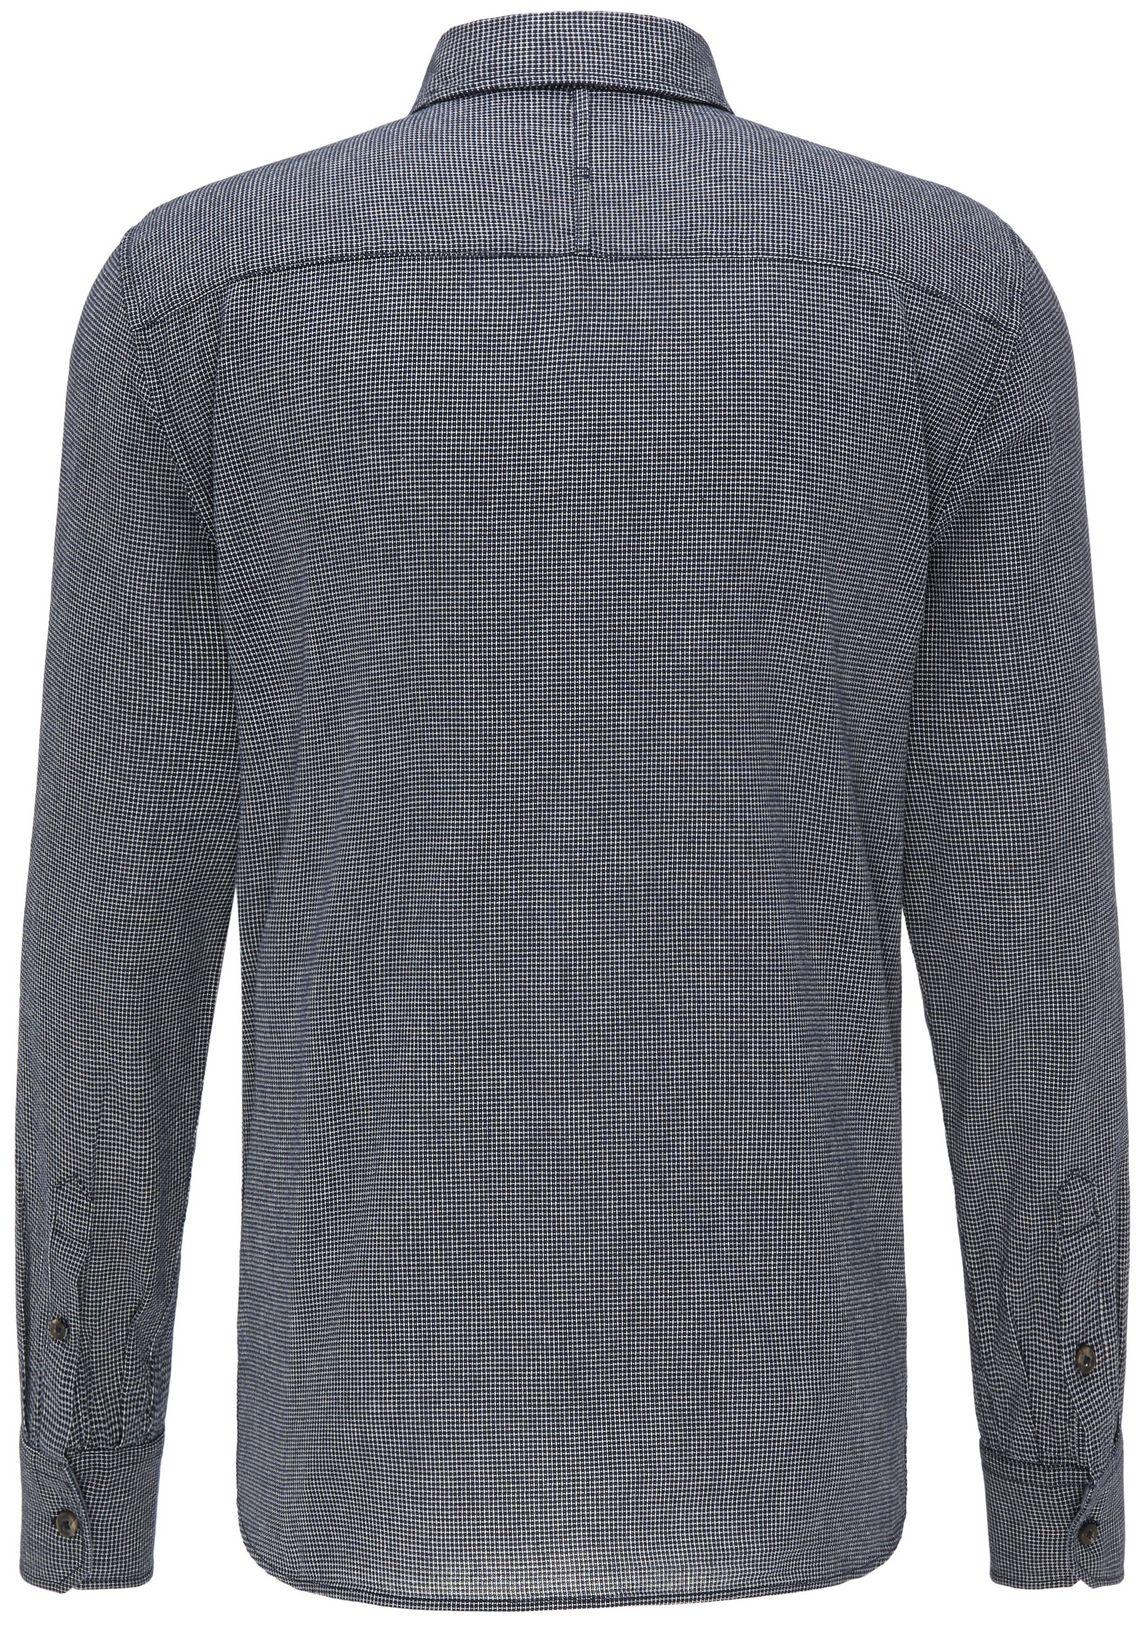 MUSTANG overhemd makkelijk besteld  donkerblauw-4136